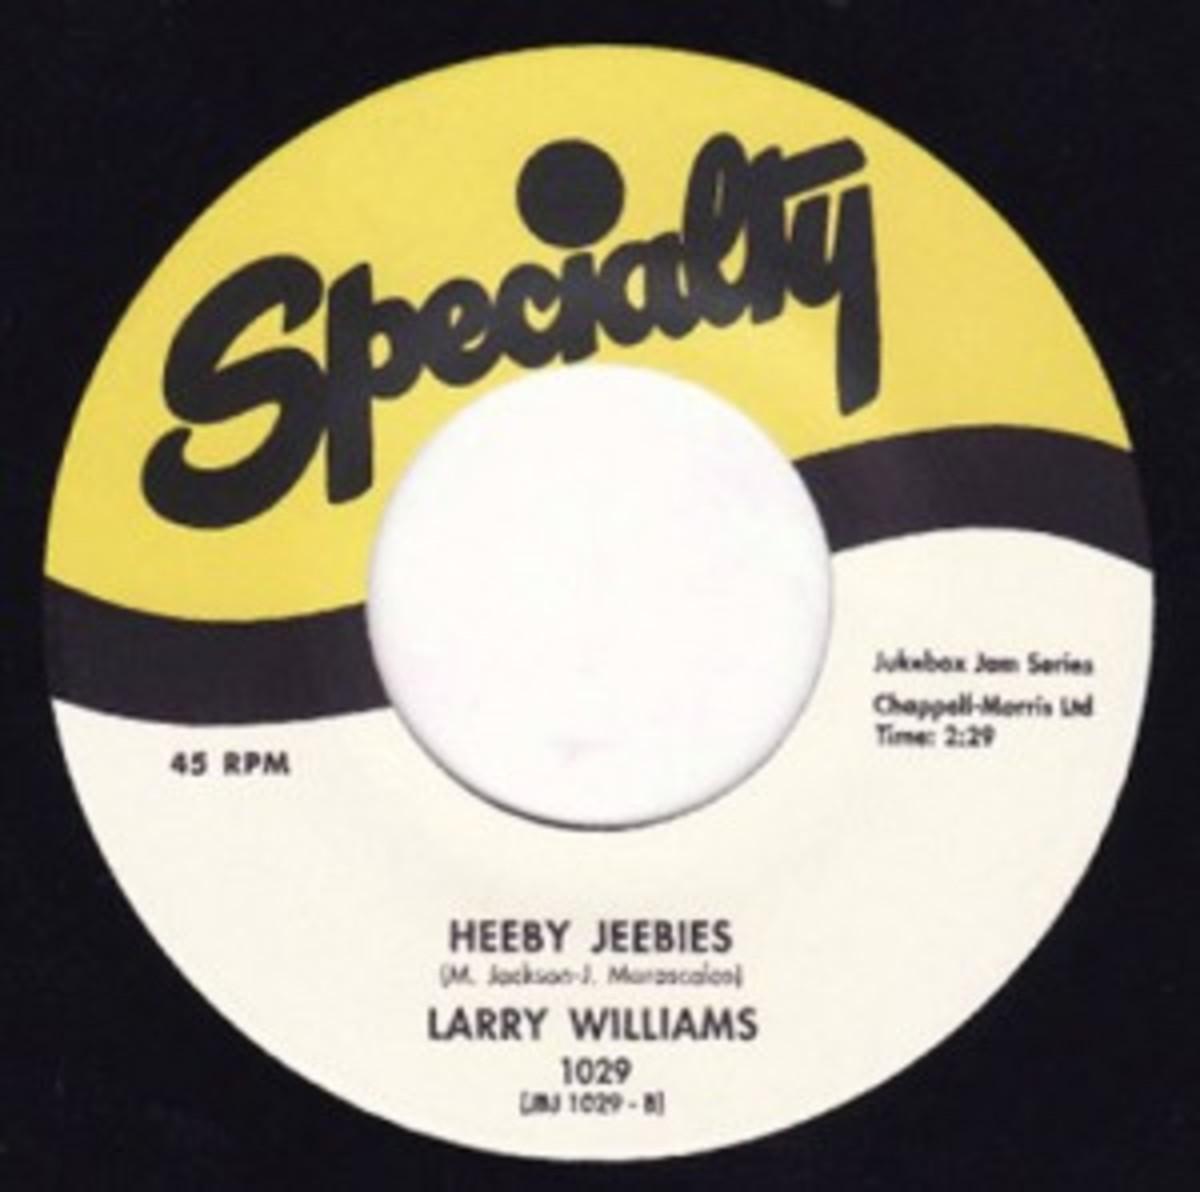 Larry Williams Heeby Jeebies Specialty